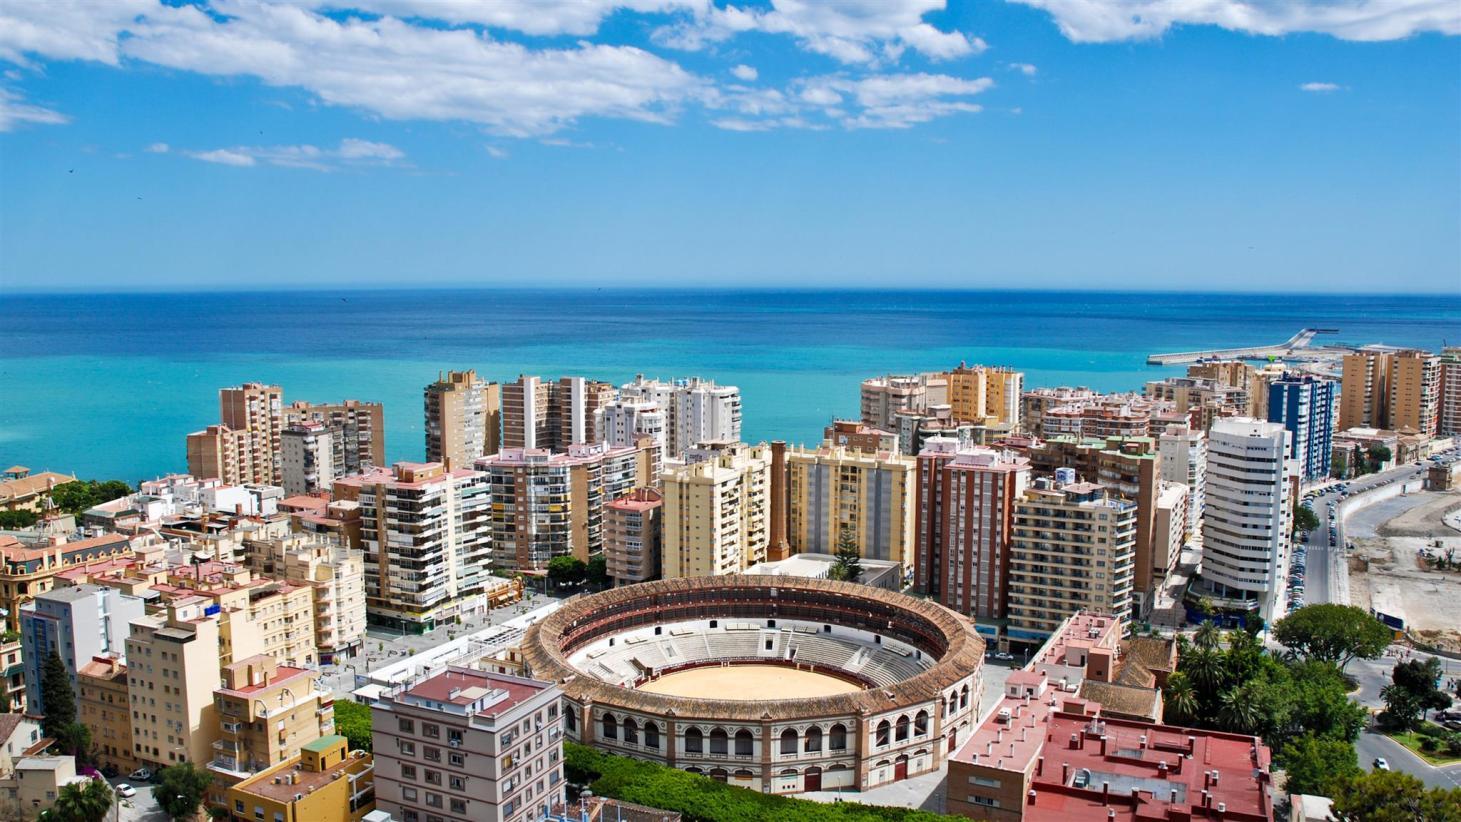 Entrenadores Personales en Malaga